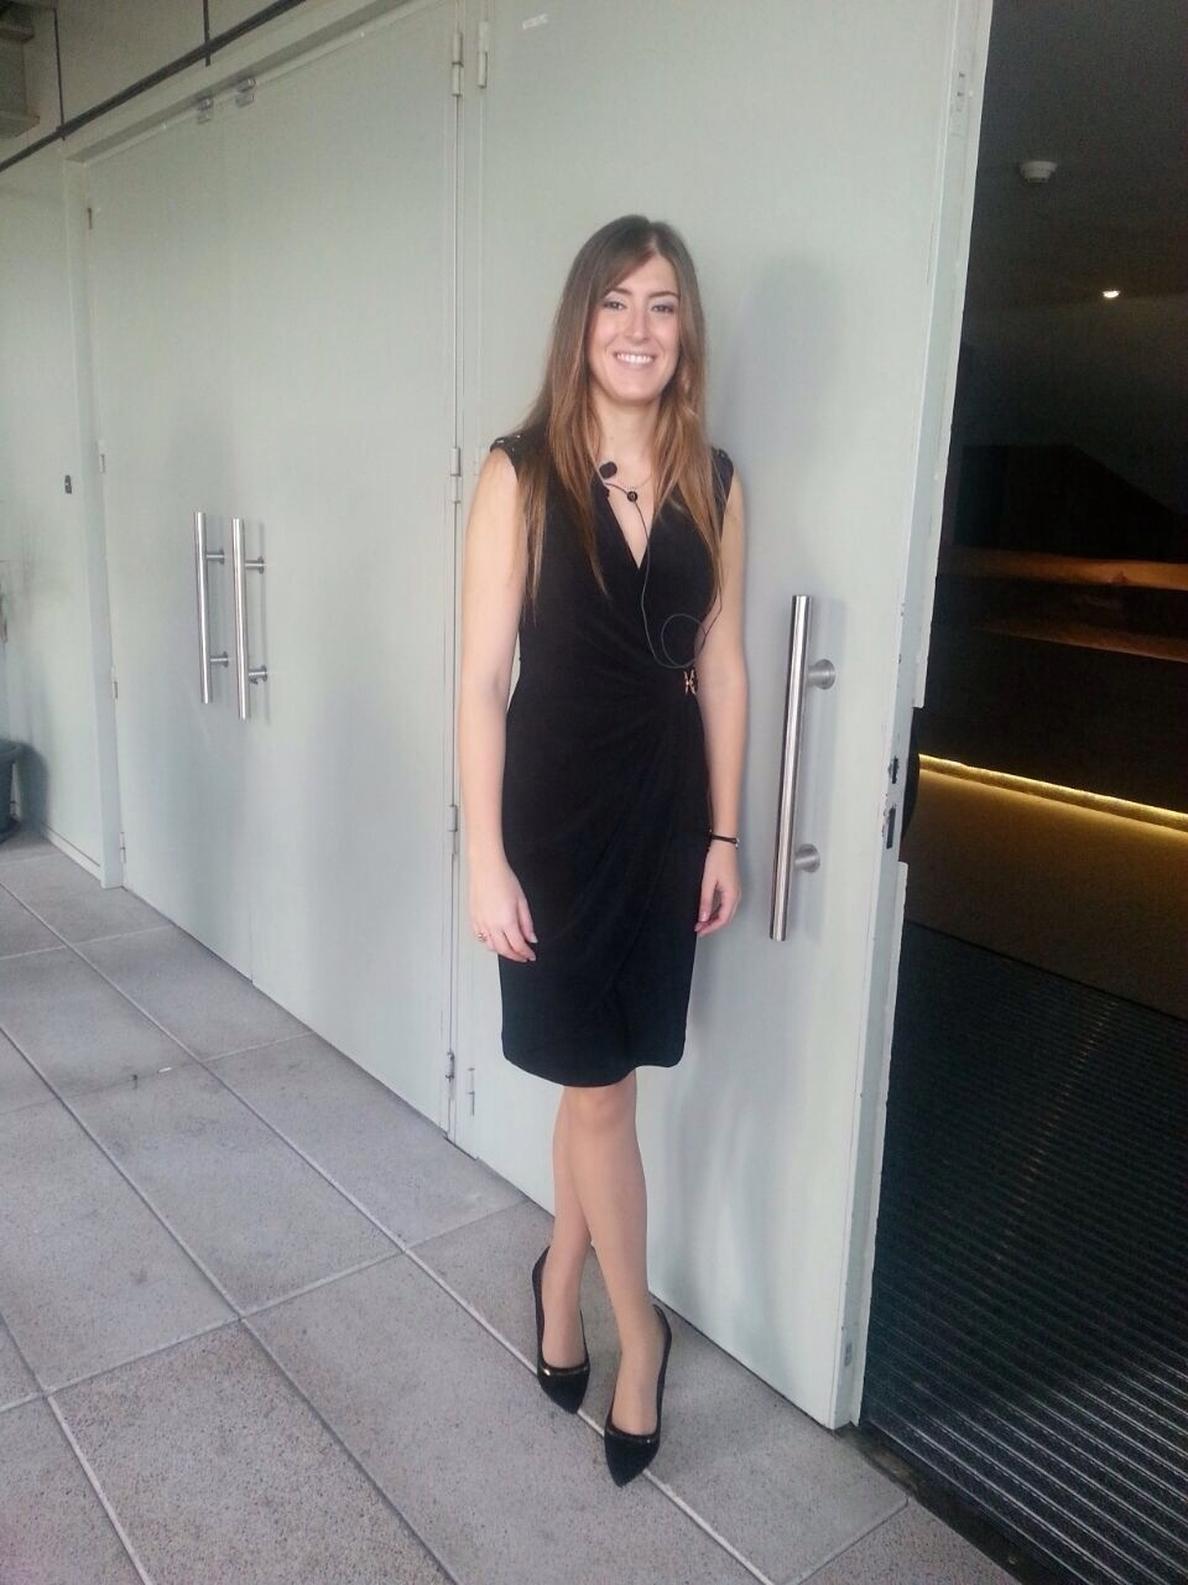 Sobresaliente cum laude para la tesis de una anestesista del hospital de Santa Lucía